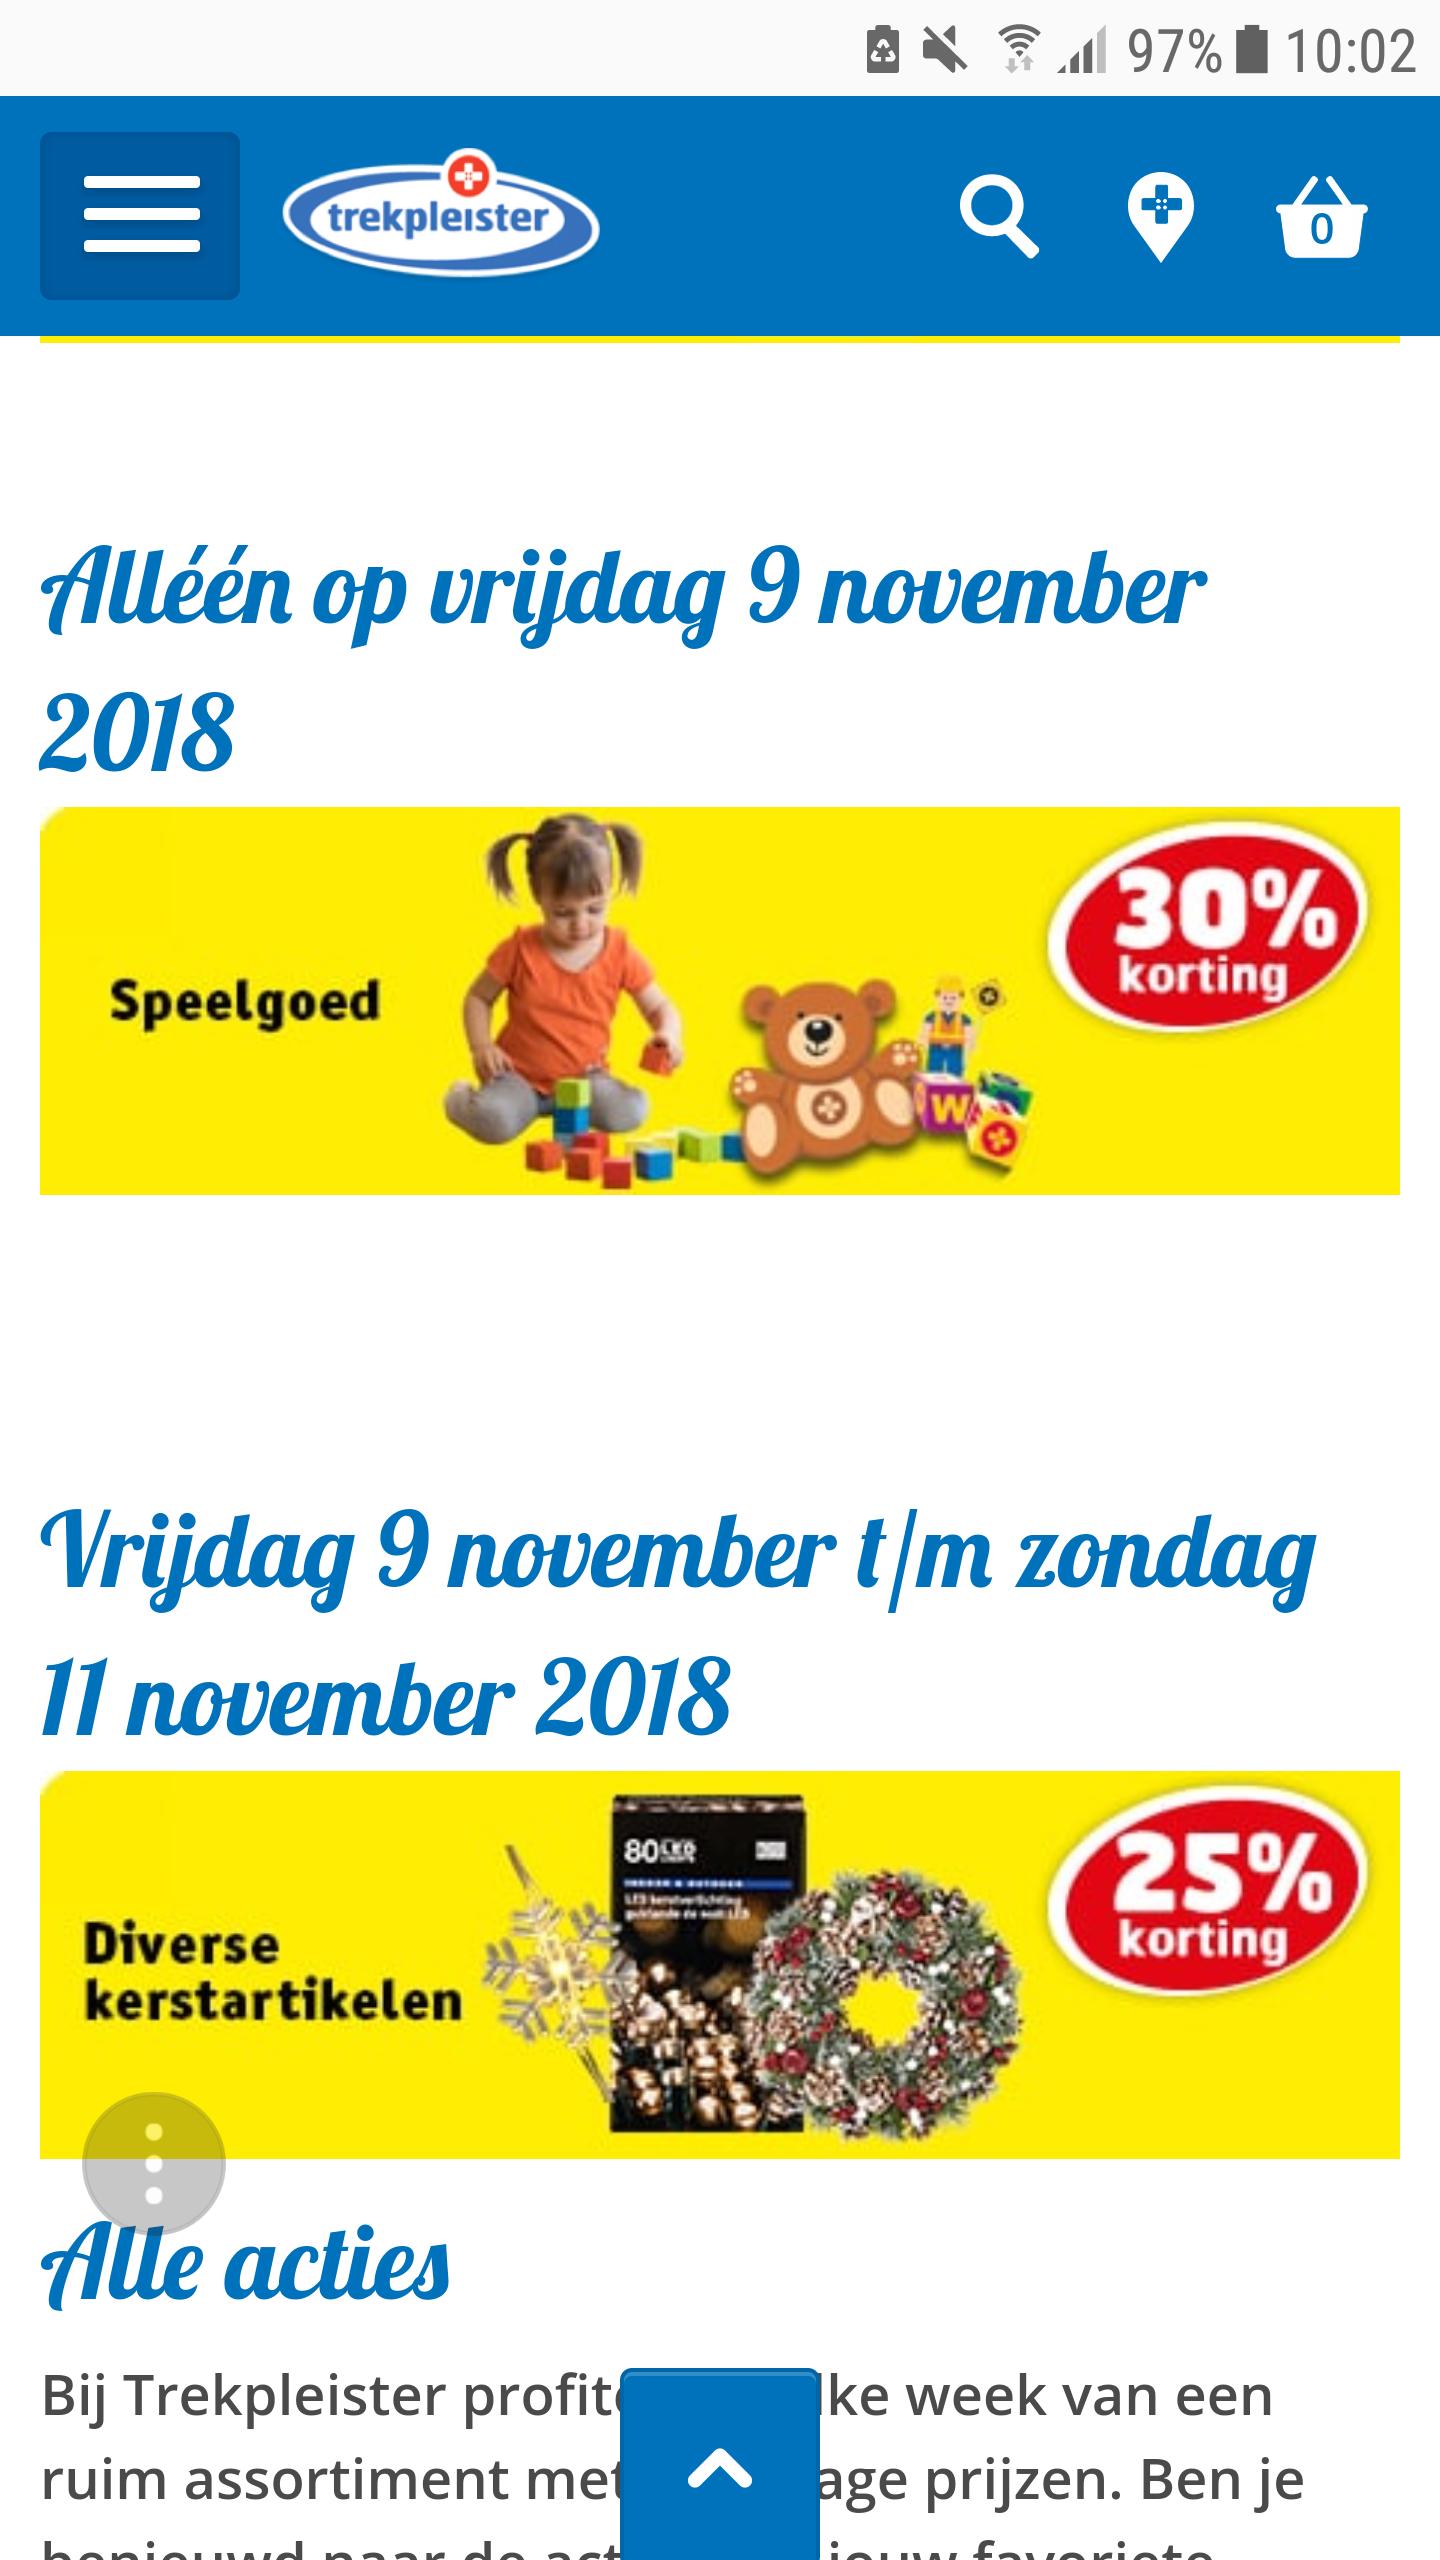 Vrijdag 9 november 30% korting op speelgoed bij trekpleister